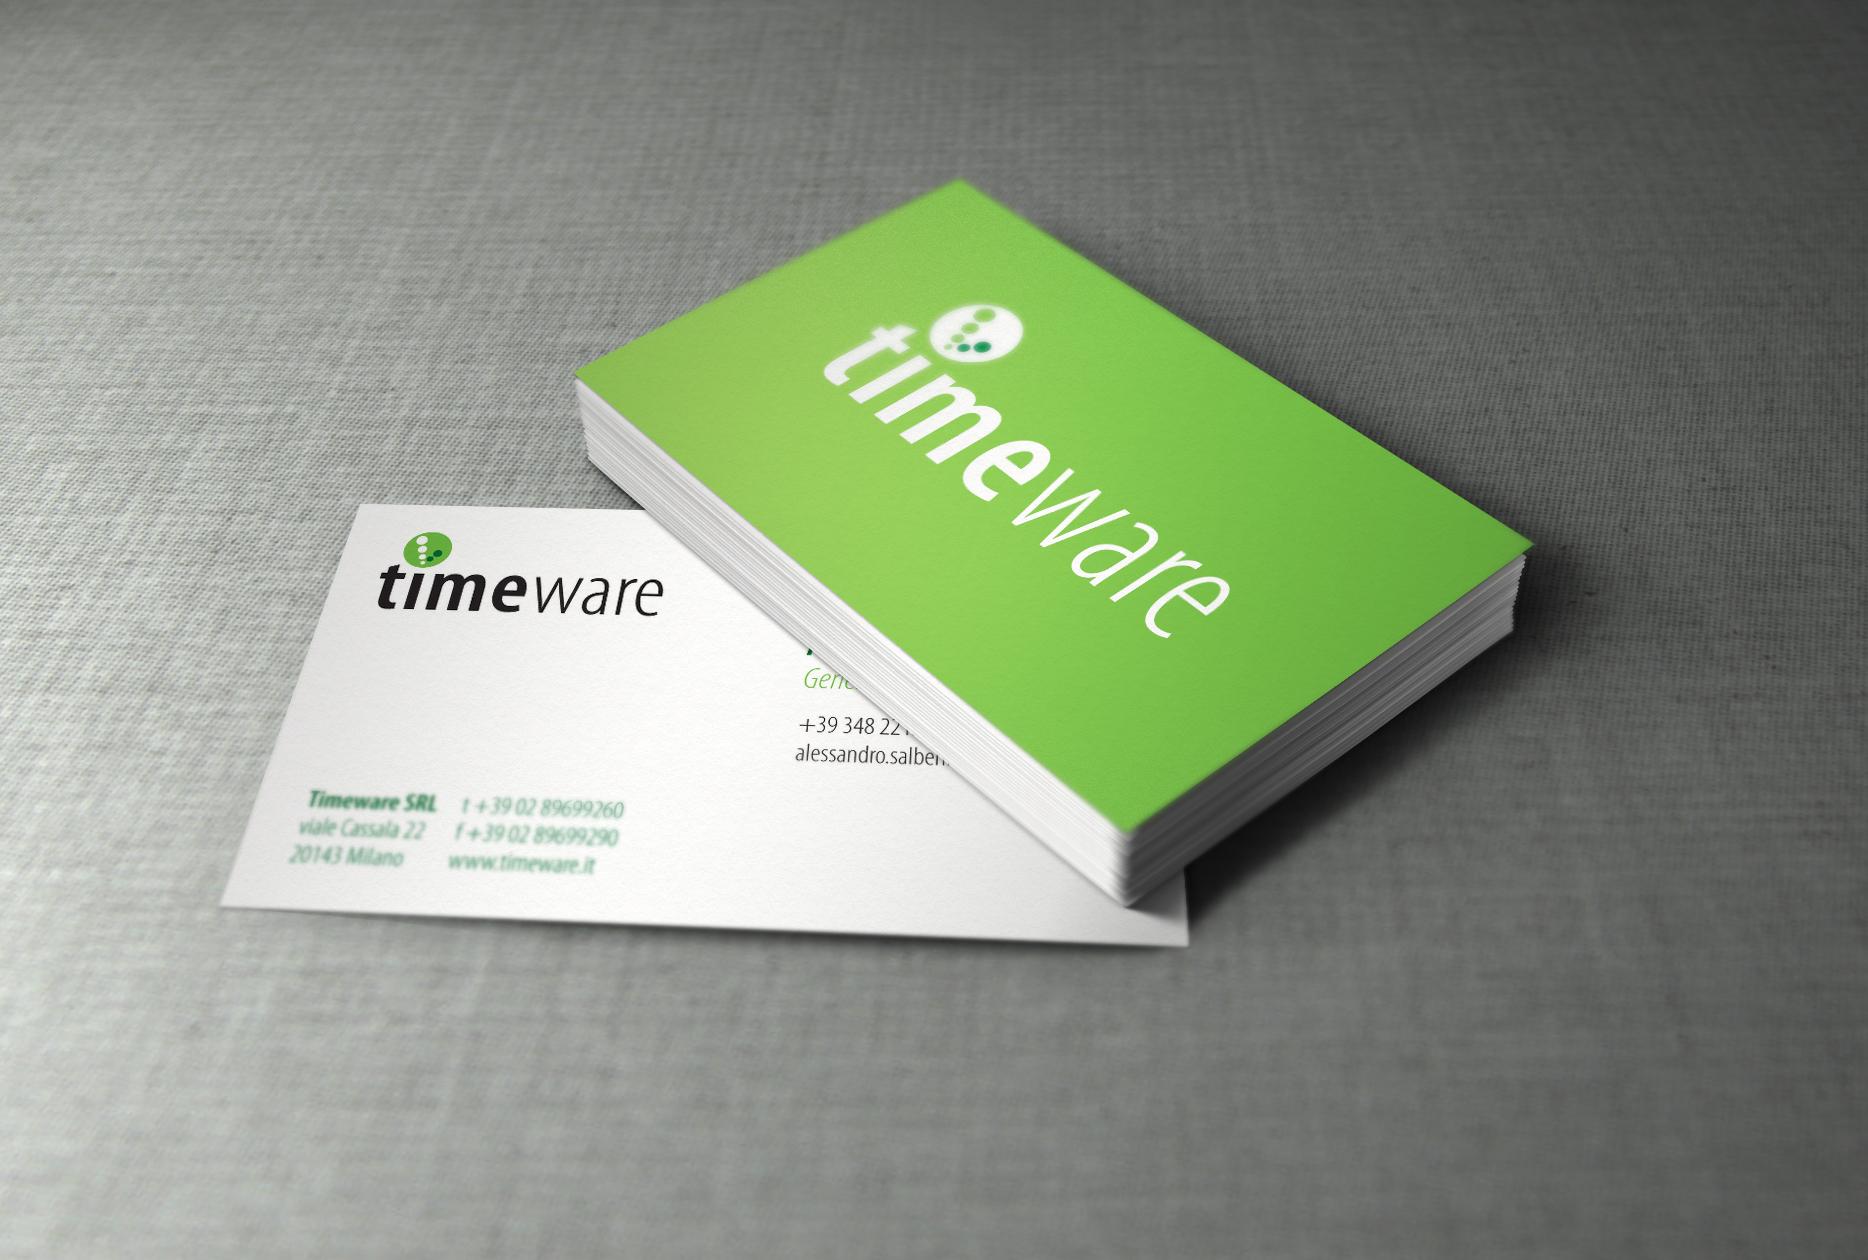 Biglietti da visita Timeware